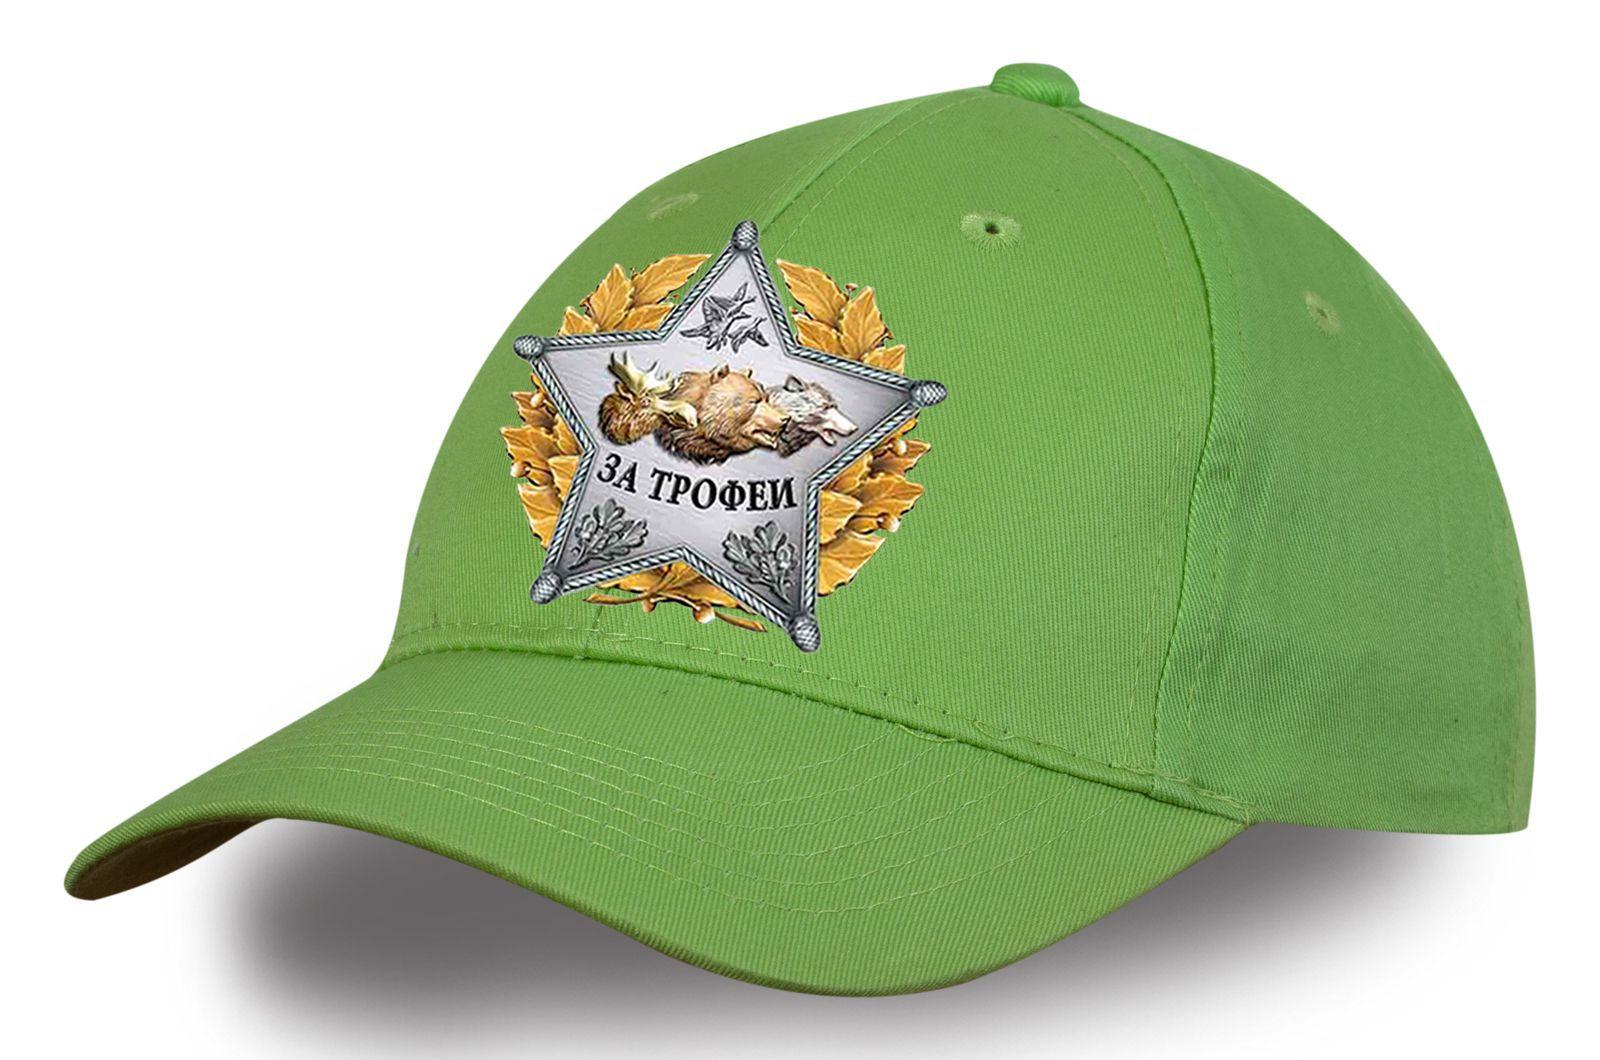 Светло-зеленая кепка охотника - заказать недорого в интернет-магазине